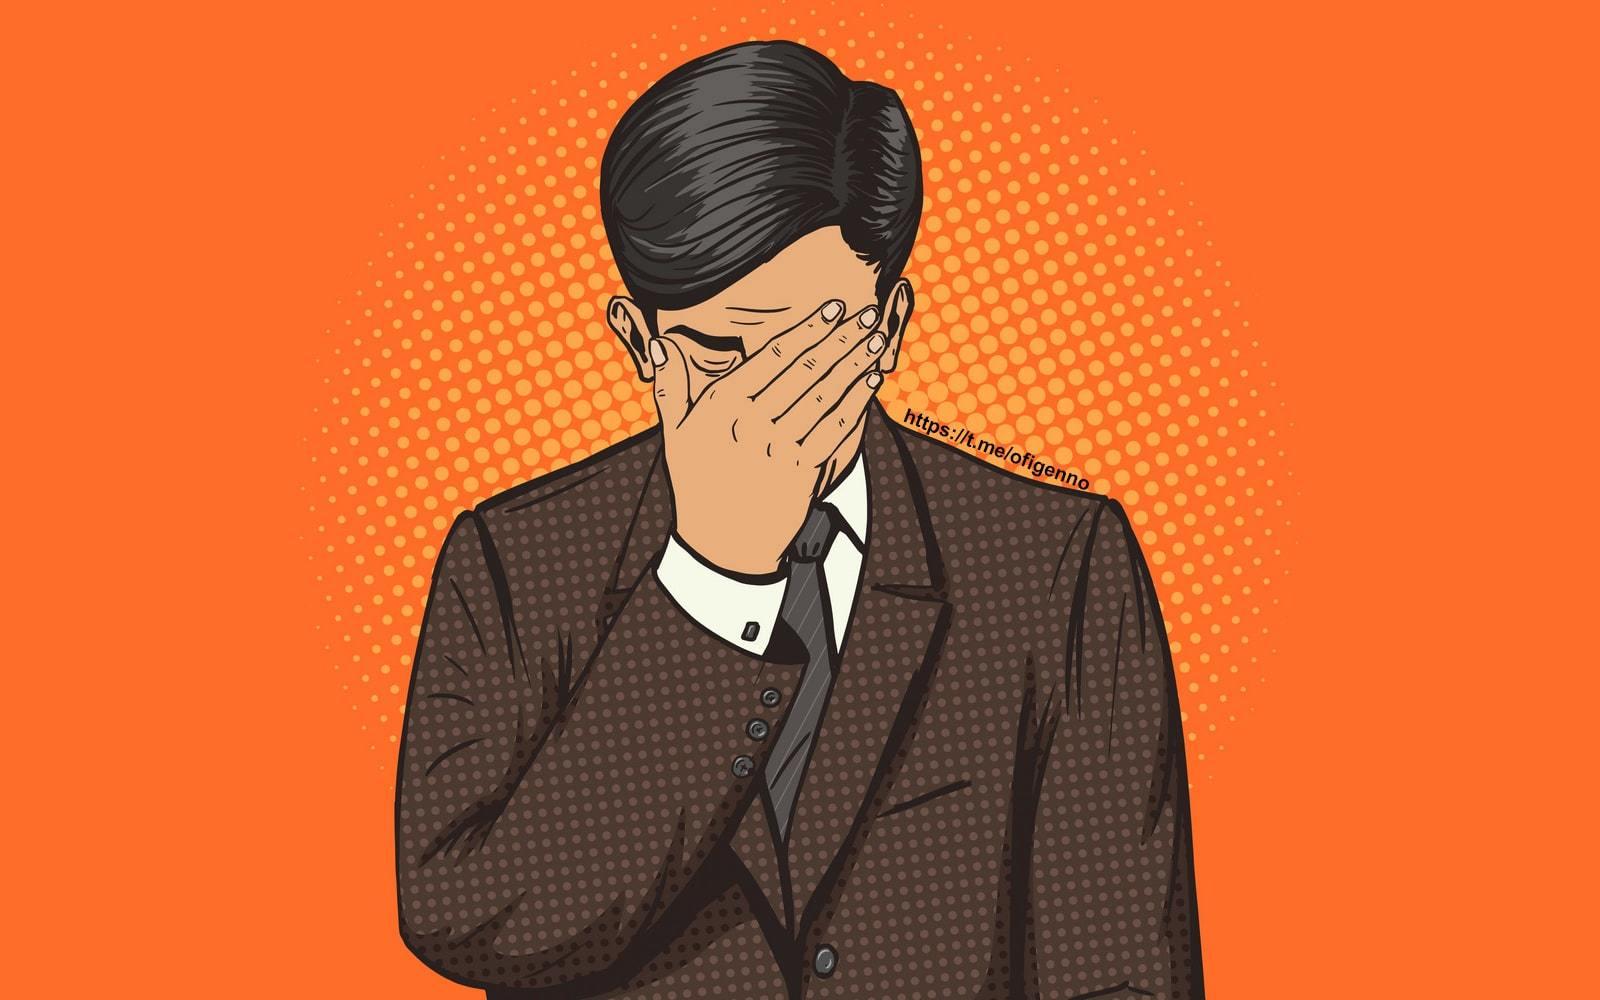 Адвокаты c Реддита поделились случаями, когда они проиграли дело из-за незначительного факта, о котором умолчал клиент